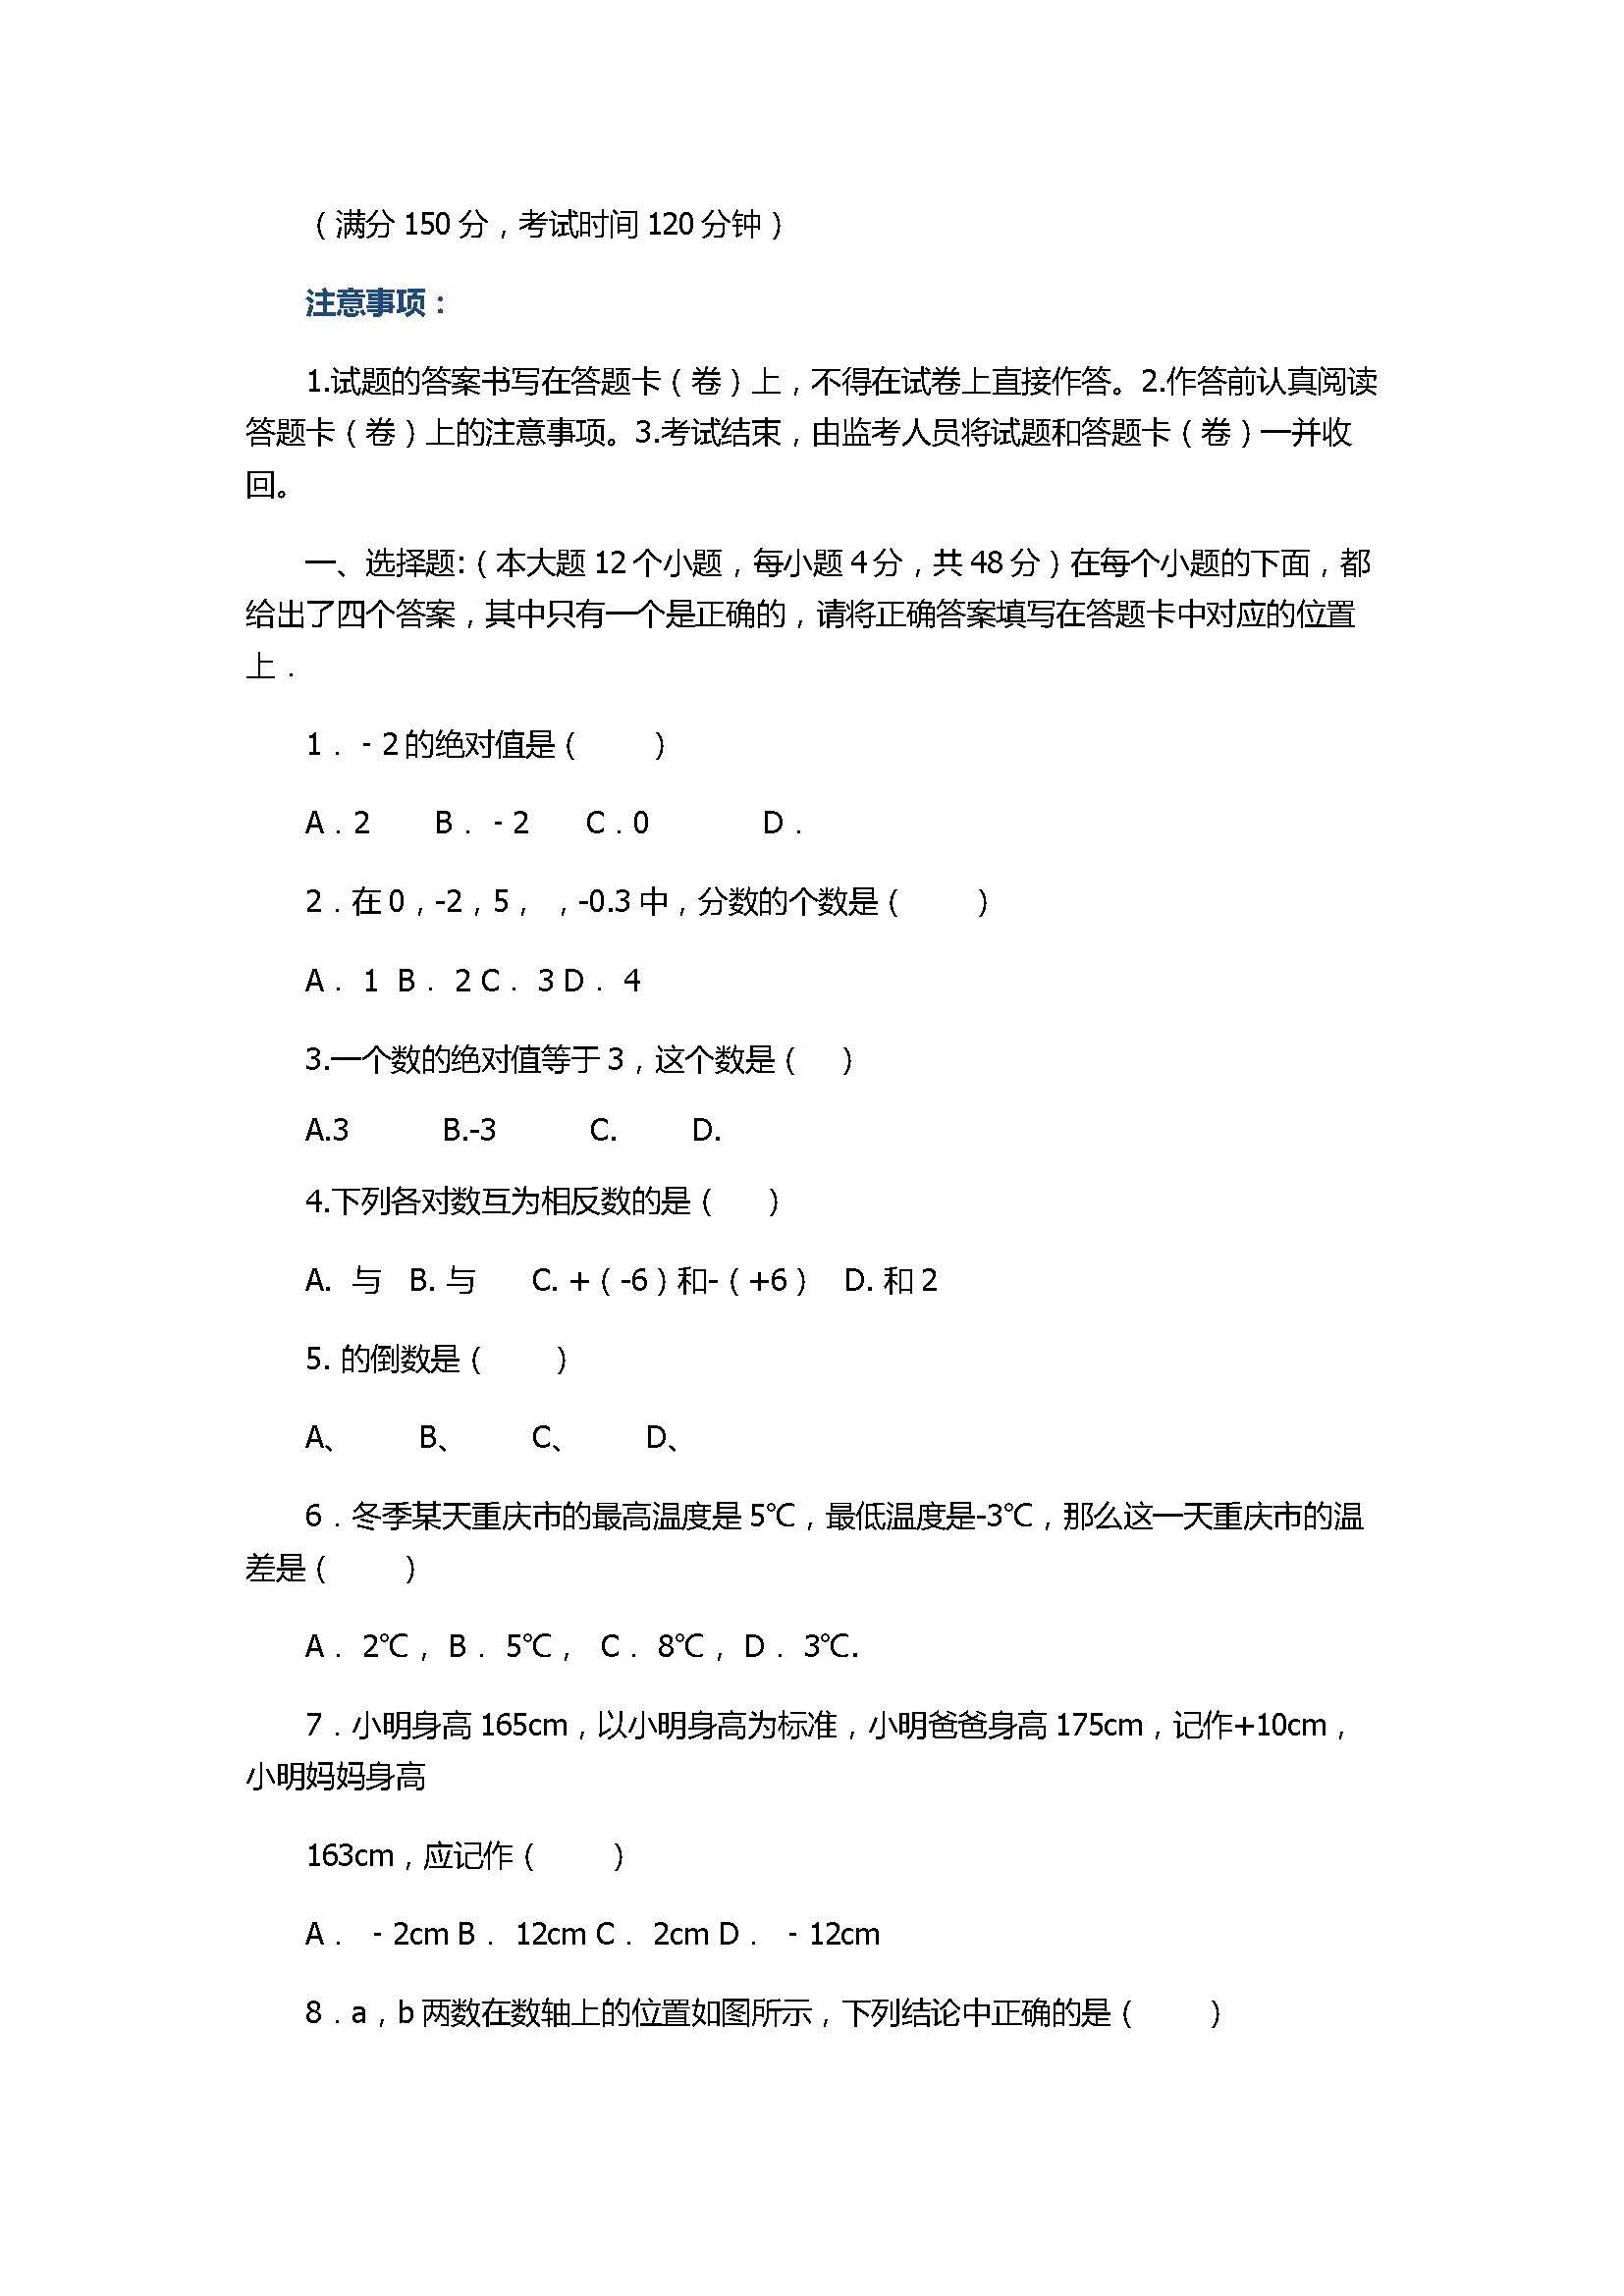 2017初一年级数学上册月考试题含答案(重庆市巴南区)